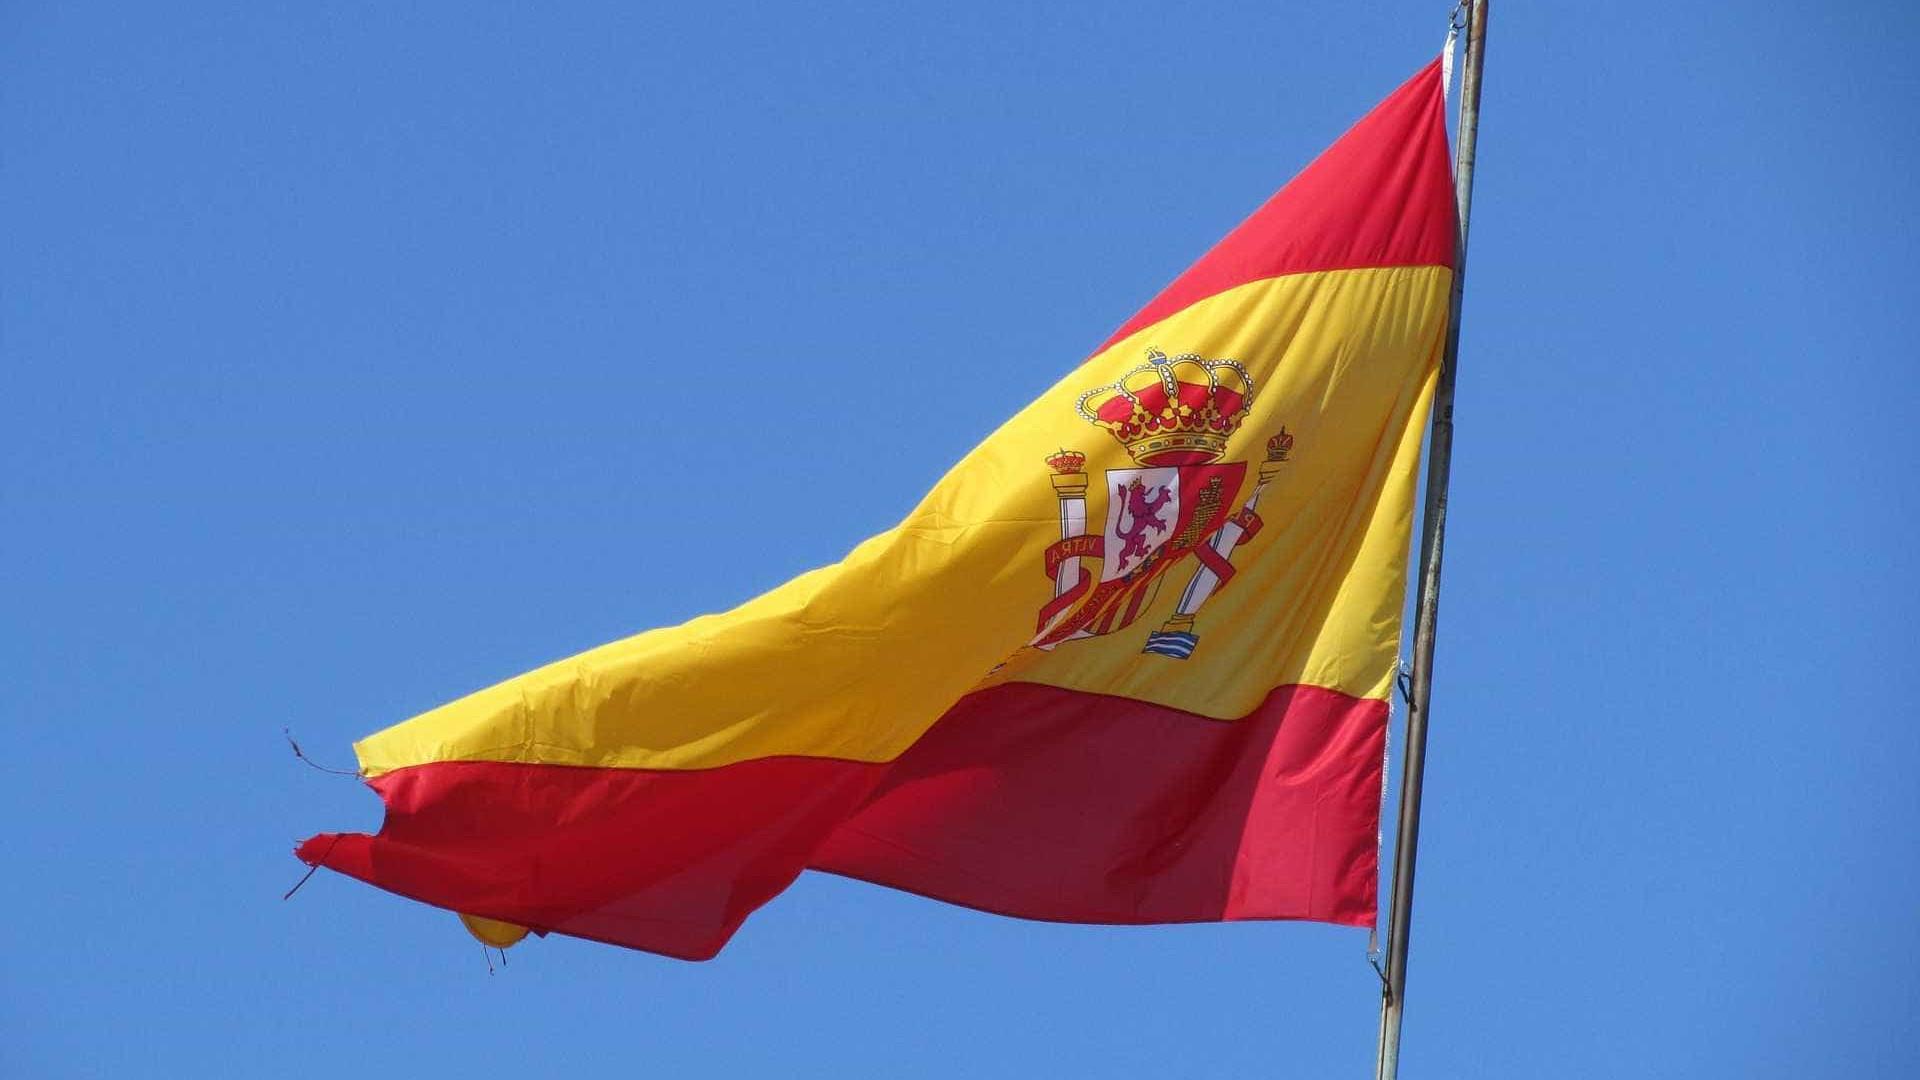 Autarcas de Portugal e Espanha reúnem-se para debater desertificação